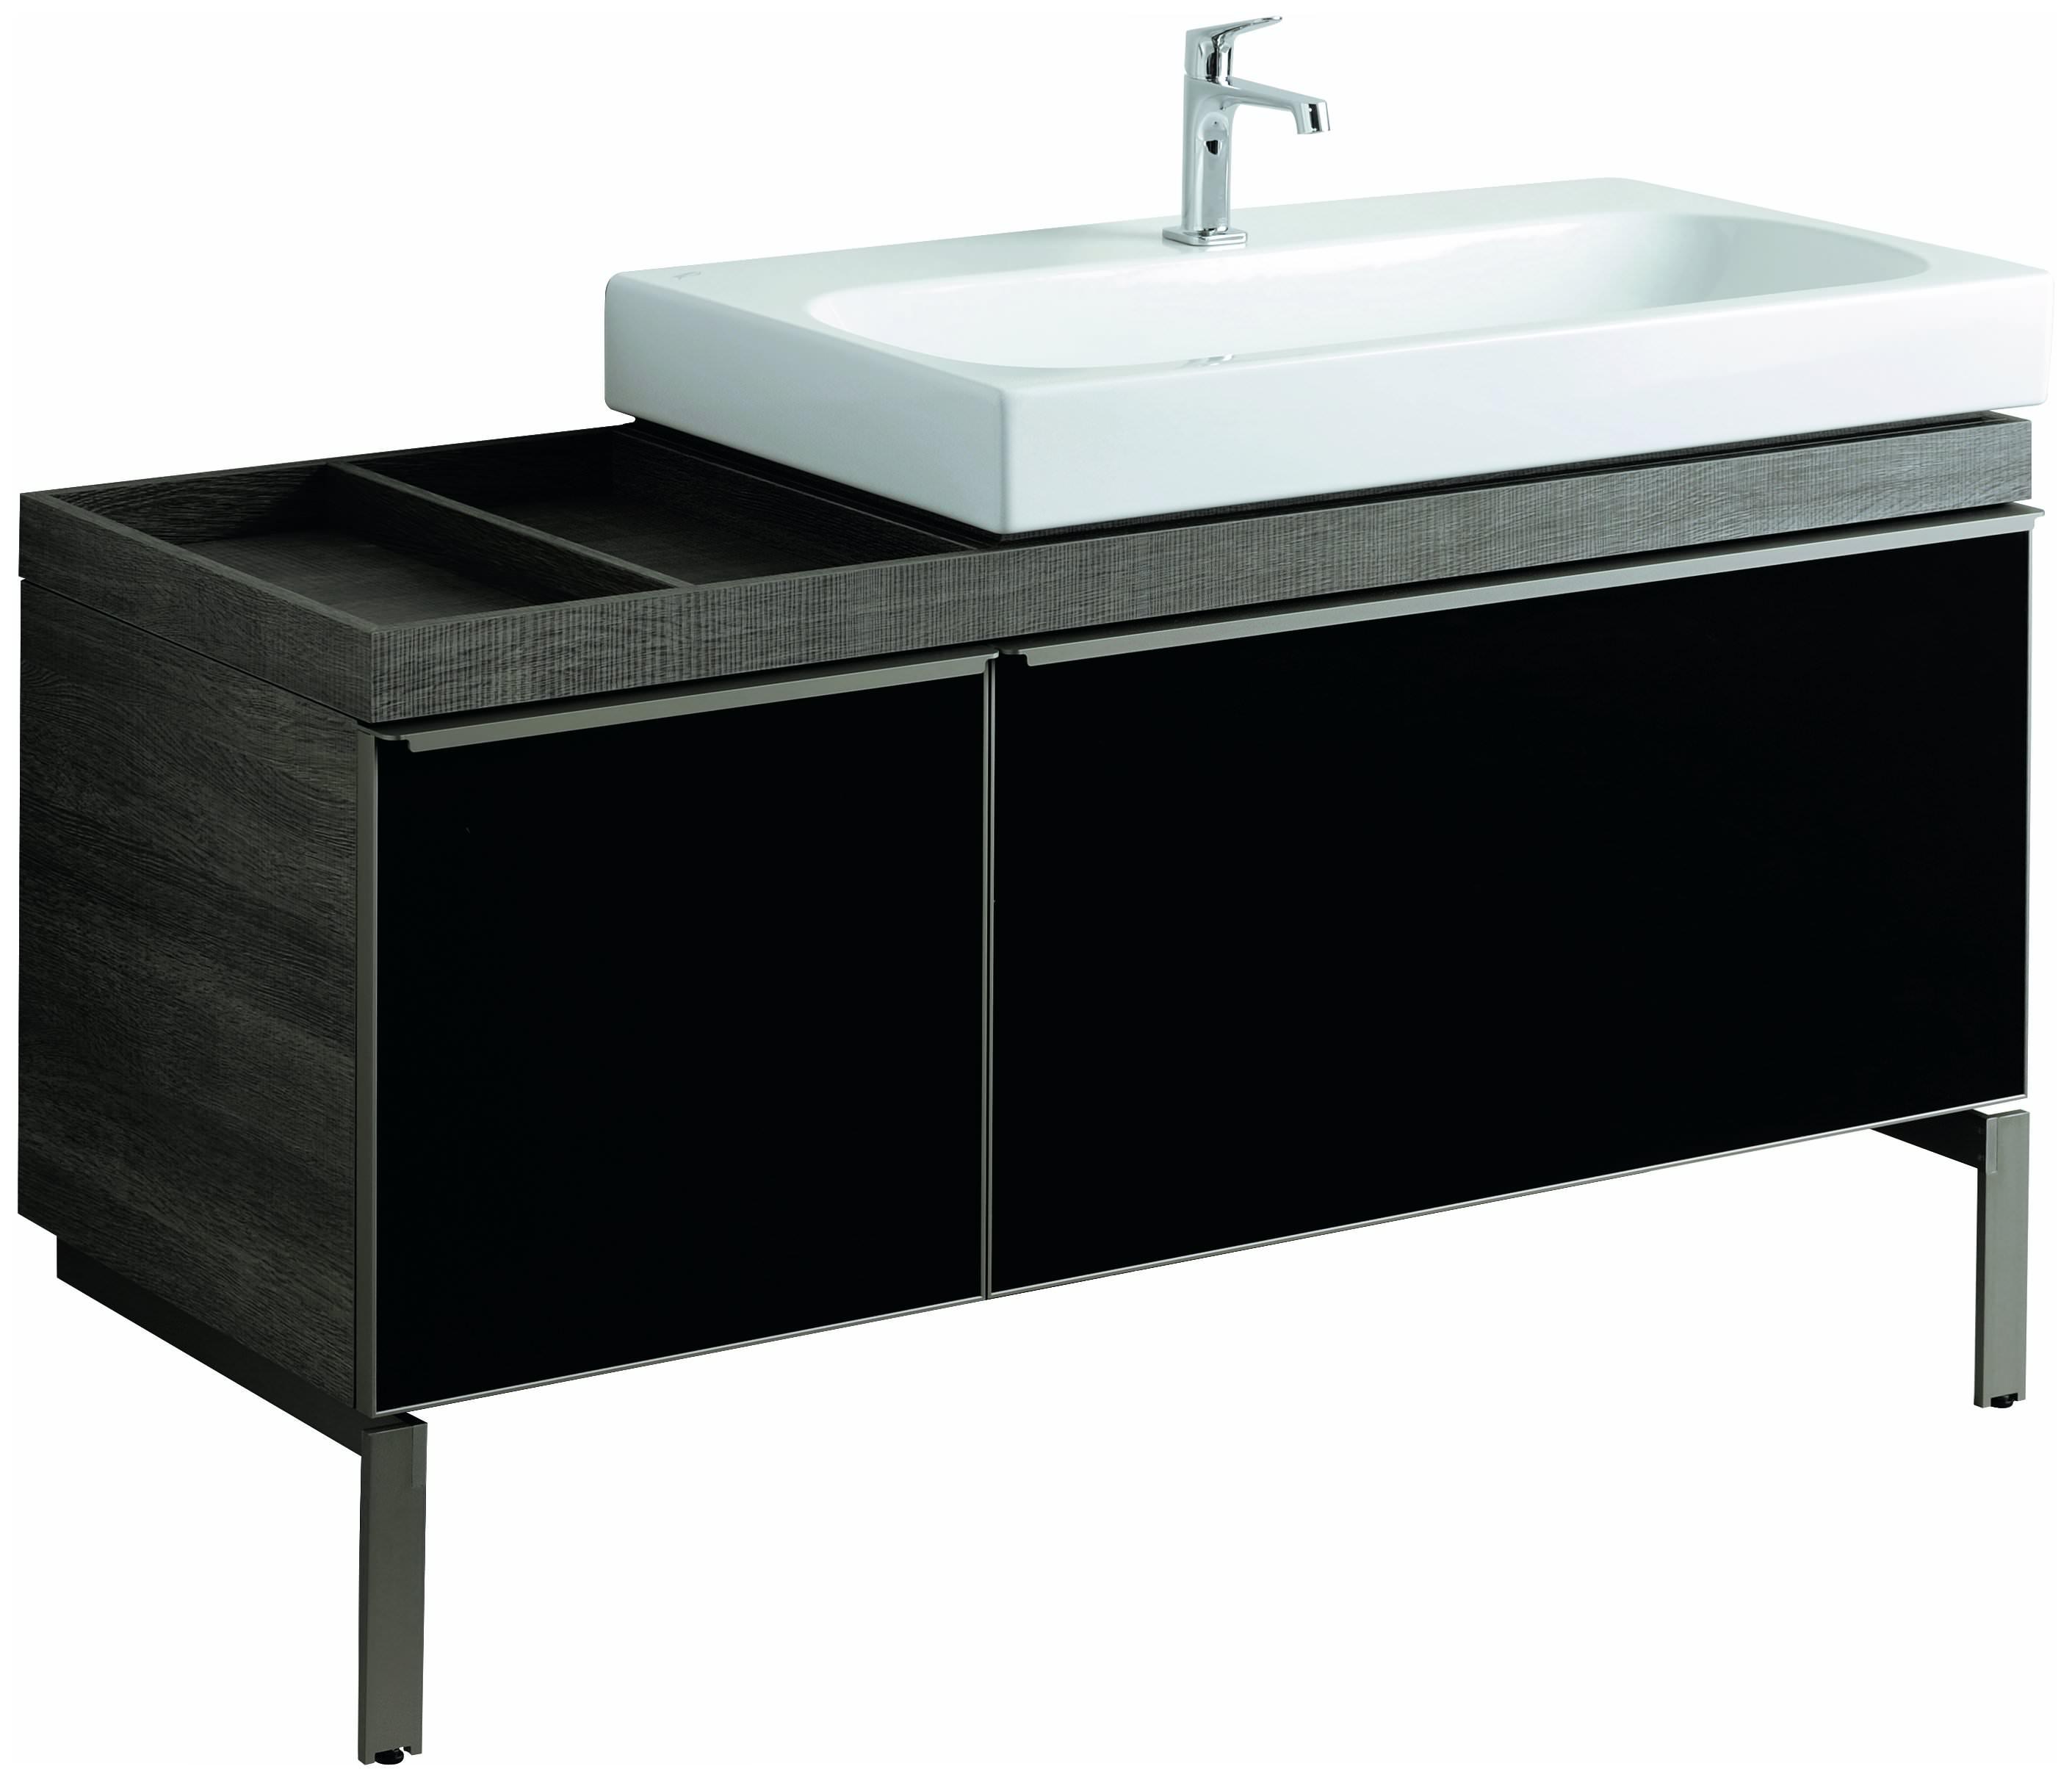 waschtisch ohne becken gr waschtisch wei ohne hahnloch ohne berlauf reuter with waschtisch ohne. Black Bedroom Furniture Sets. Home Design Ideas